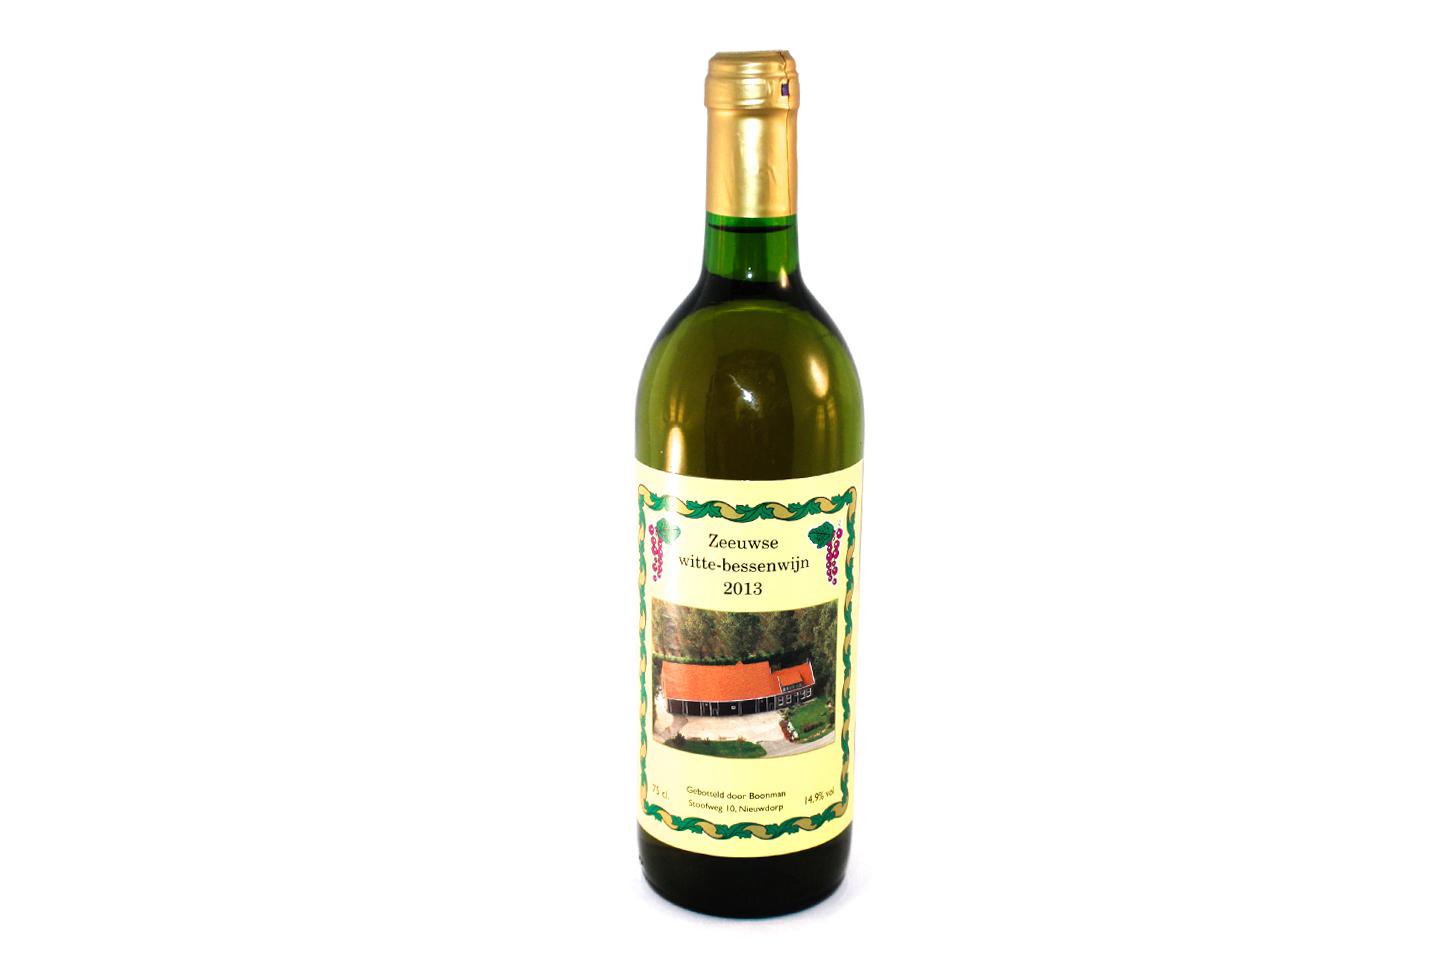 Witte-bessenwijn